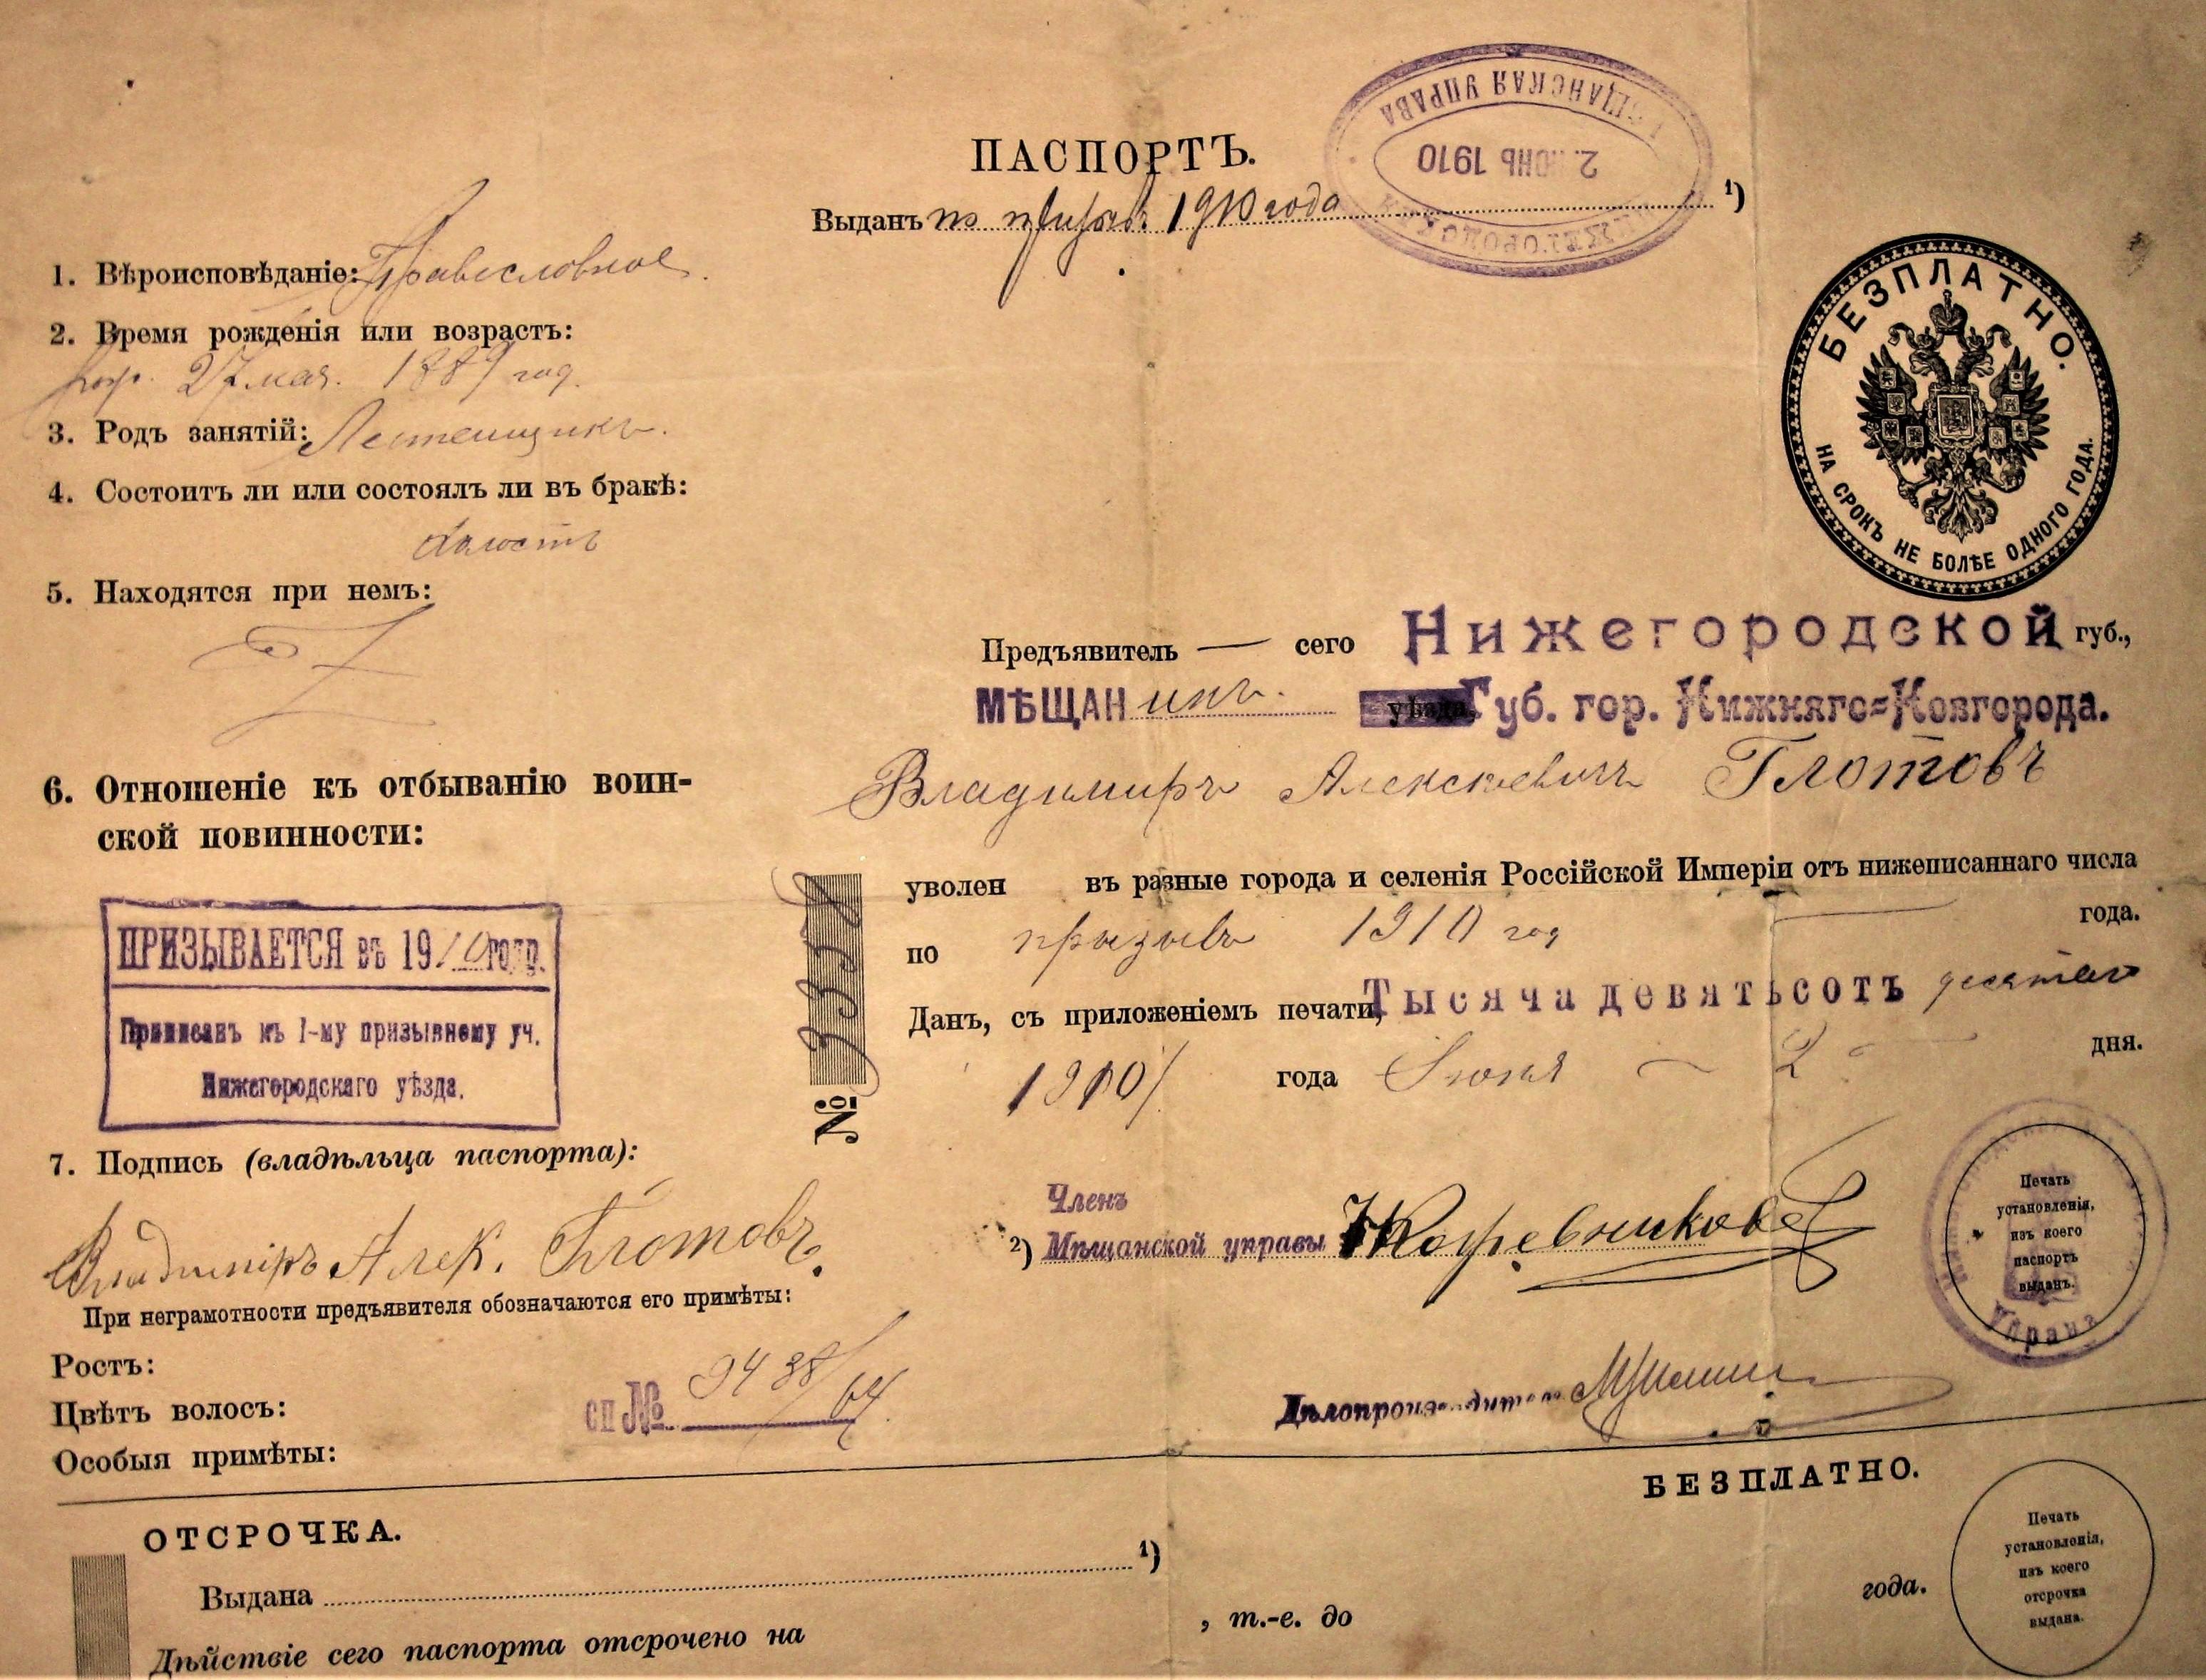 Паспорт 1910 года мещанина губернского города Нижнего Новгорода.